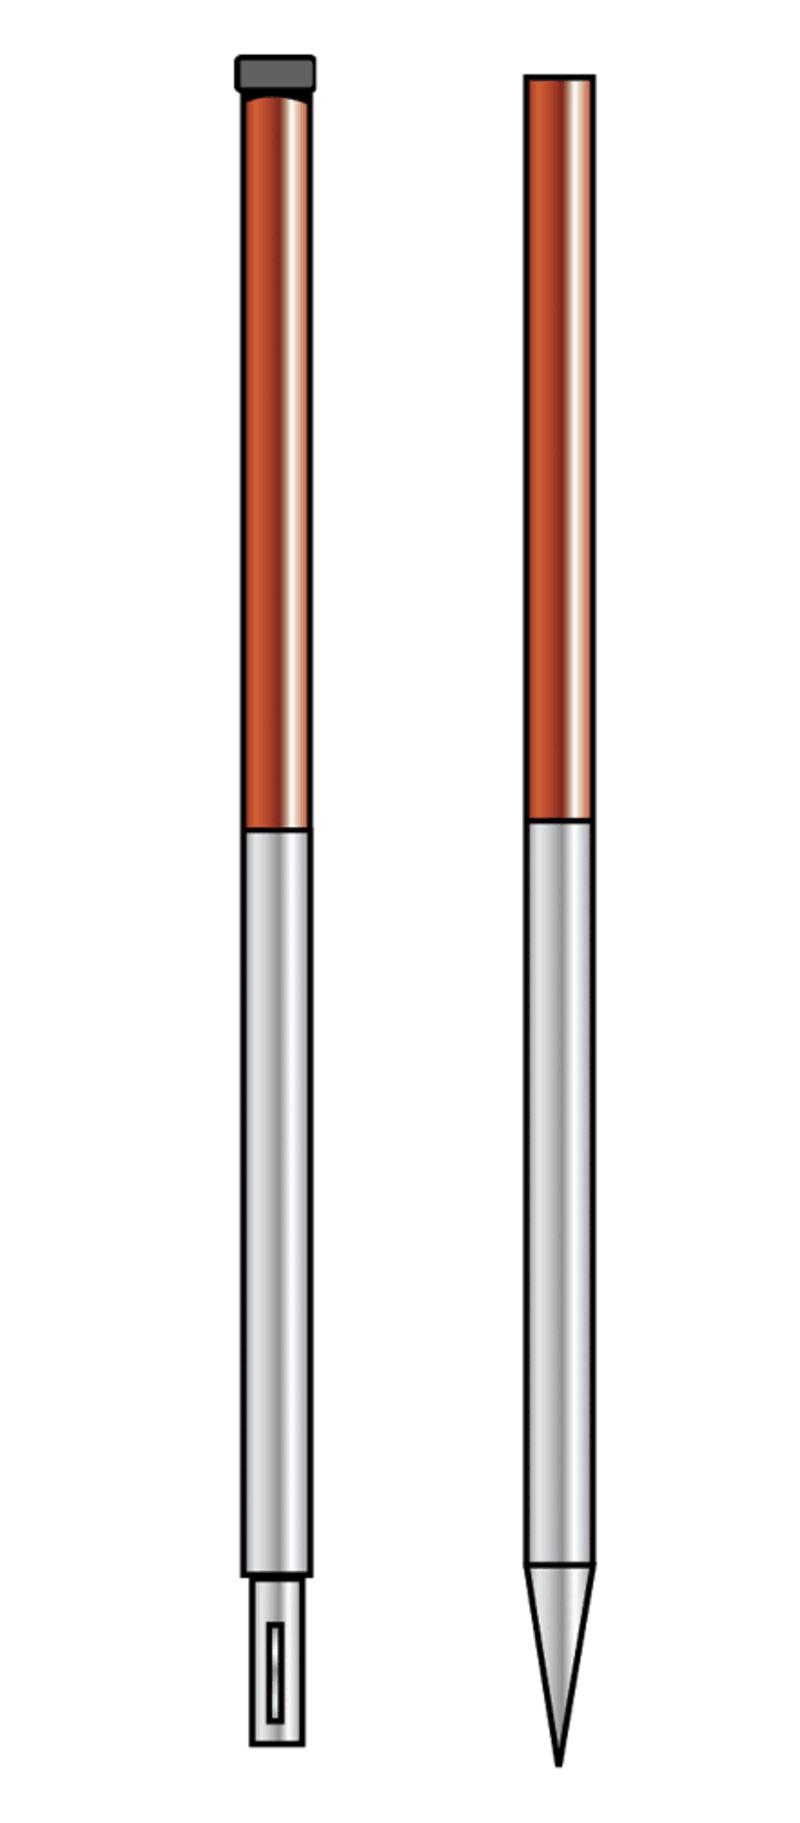 Fluchtstab zusammensteckbar, Stahl, Rohrsp.D 2,16m-St.ummant.-LF- steckbar-Teil.50cm